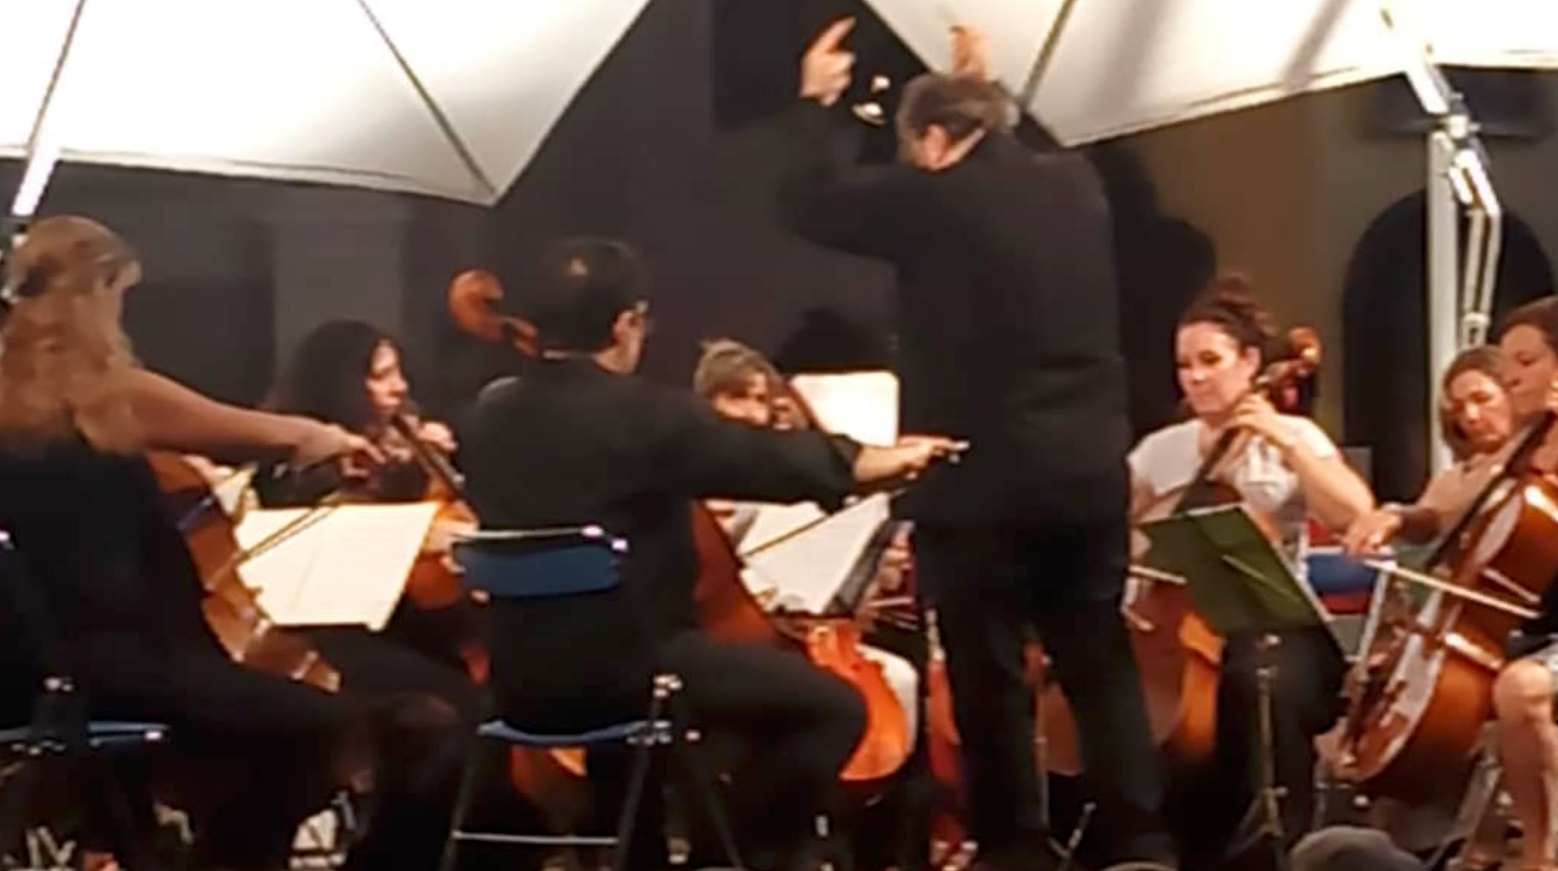 Concert Cello Fan 2018 - Violoncelles en liberté